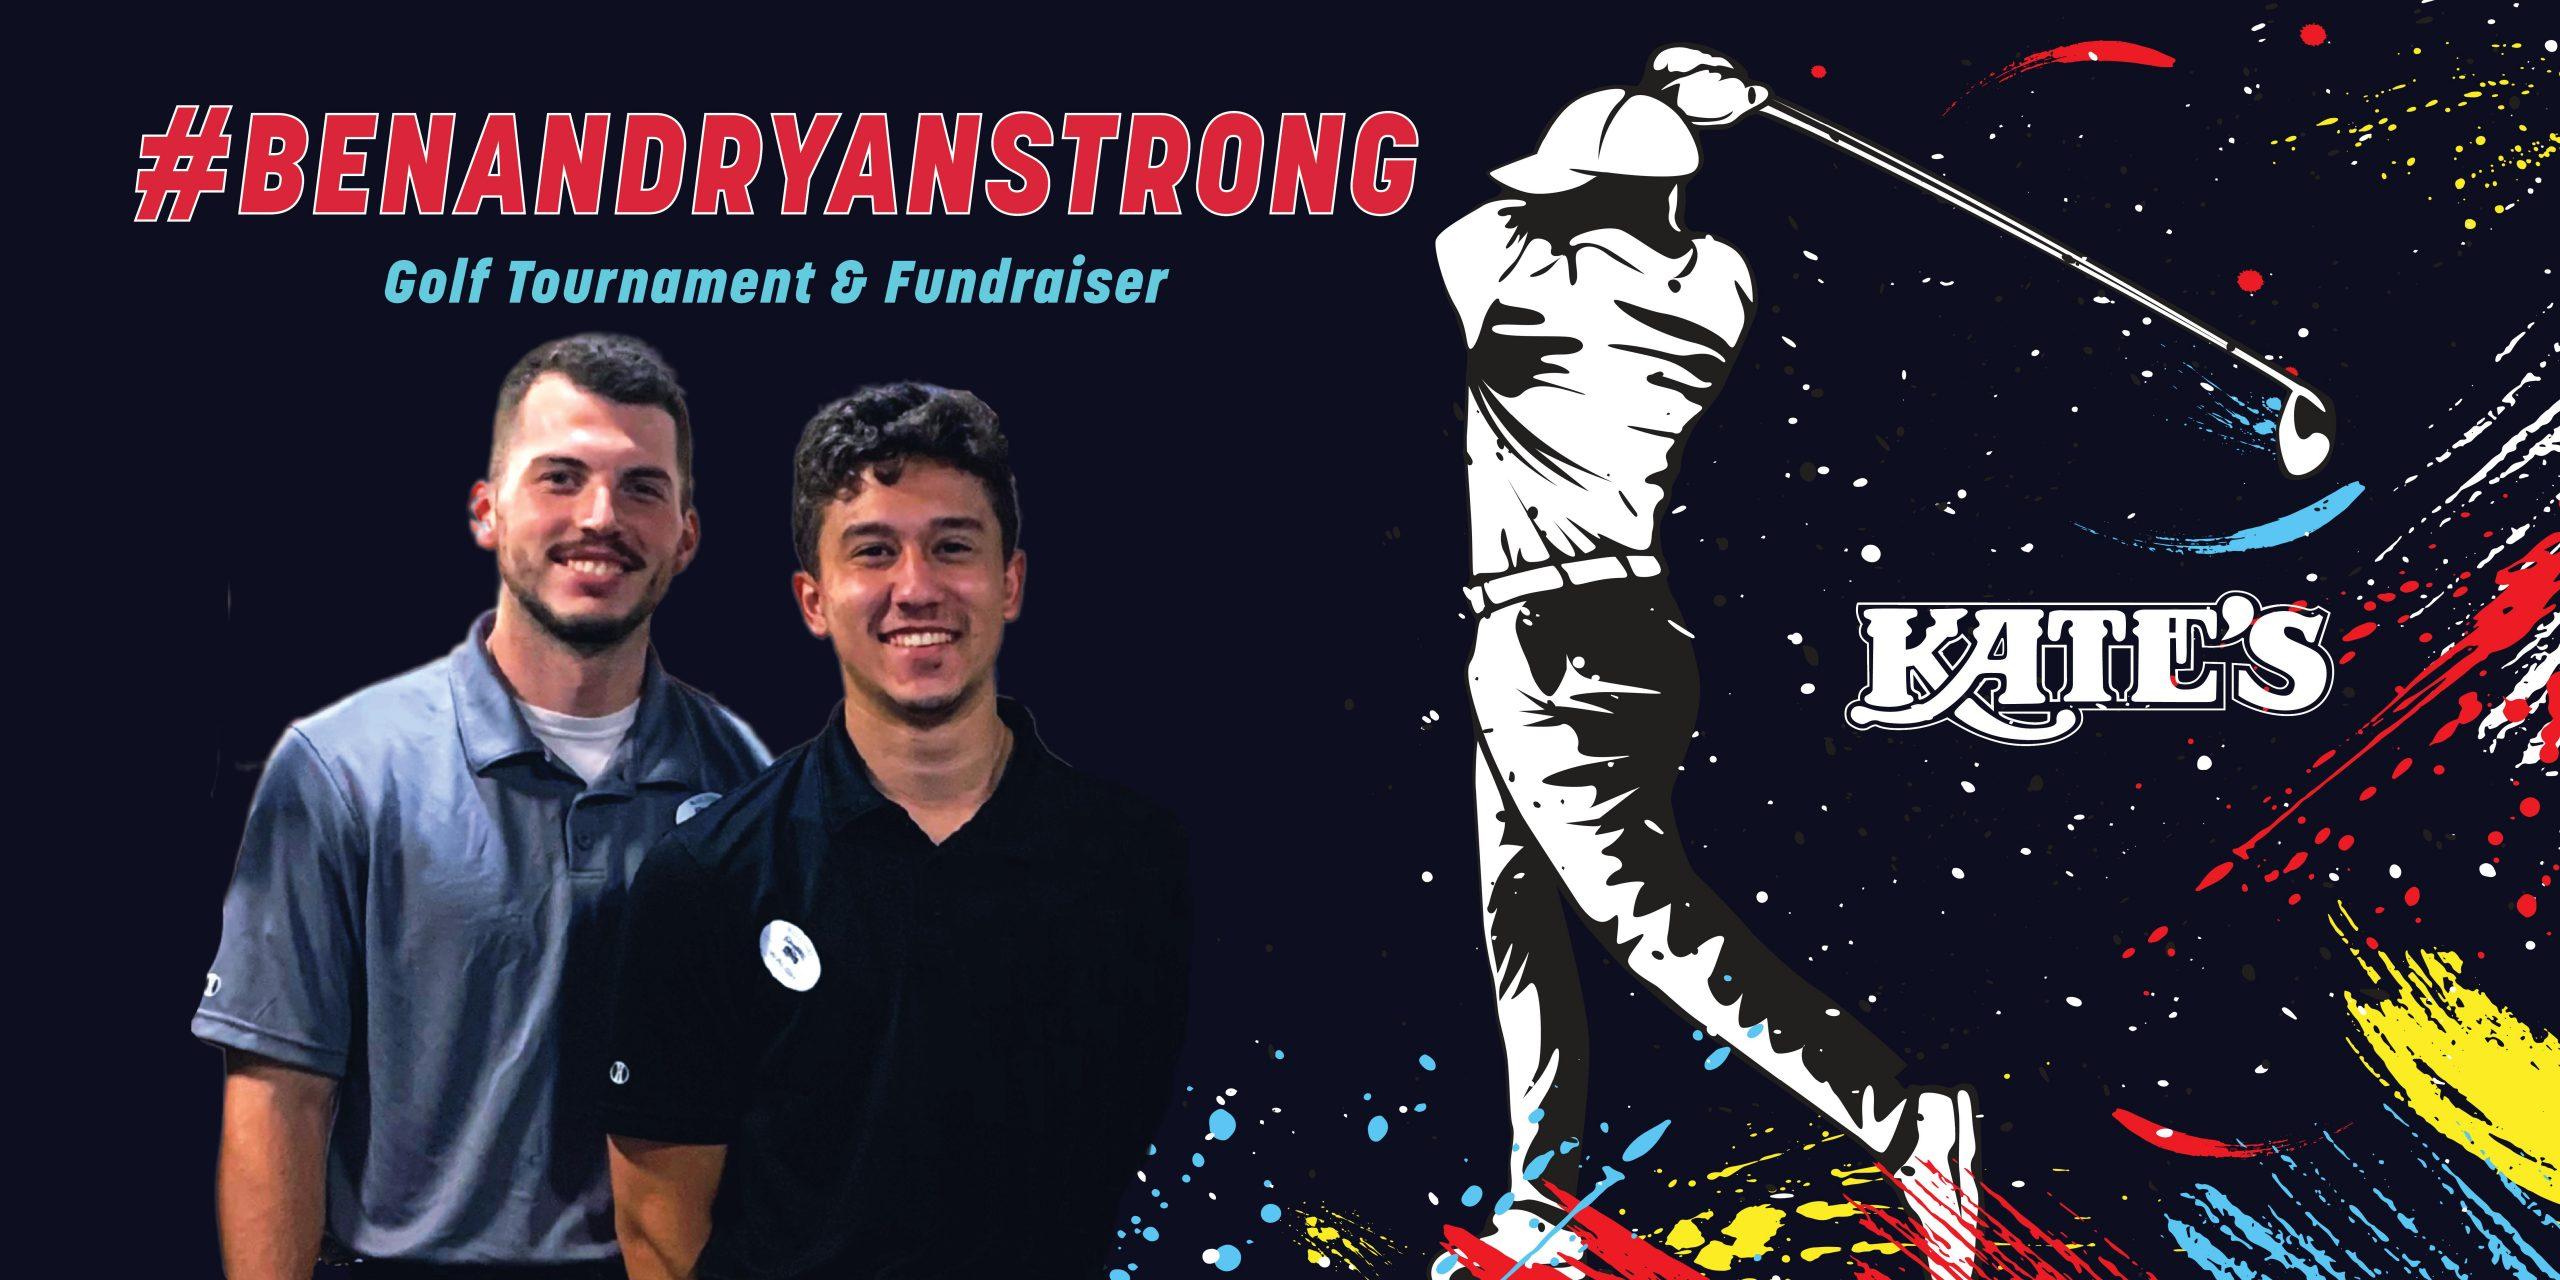 #BenAndRyanStrong Golf Tournament & Fundraiser